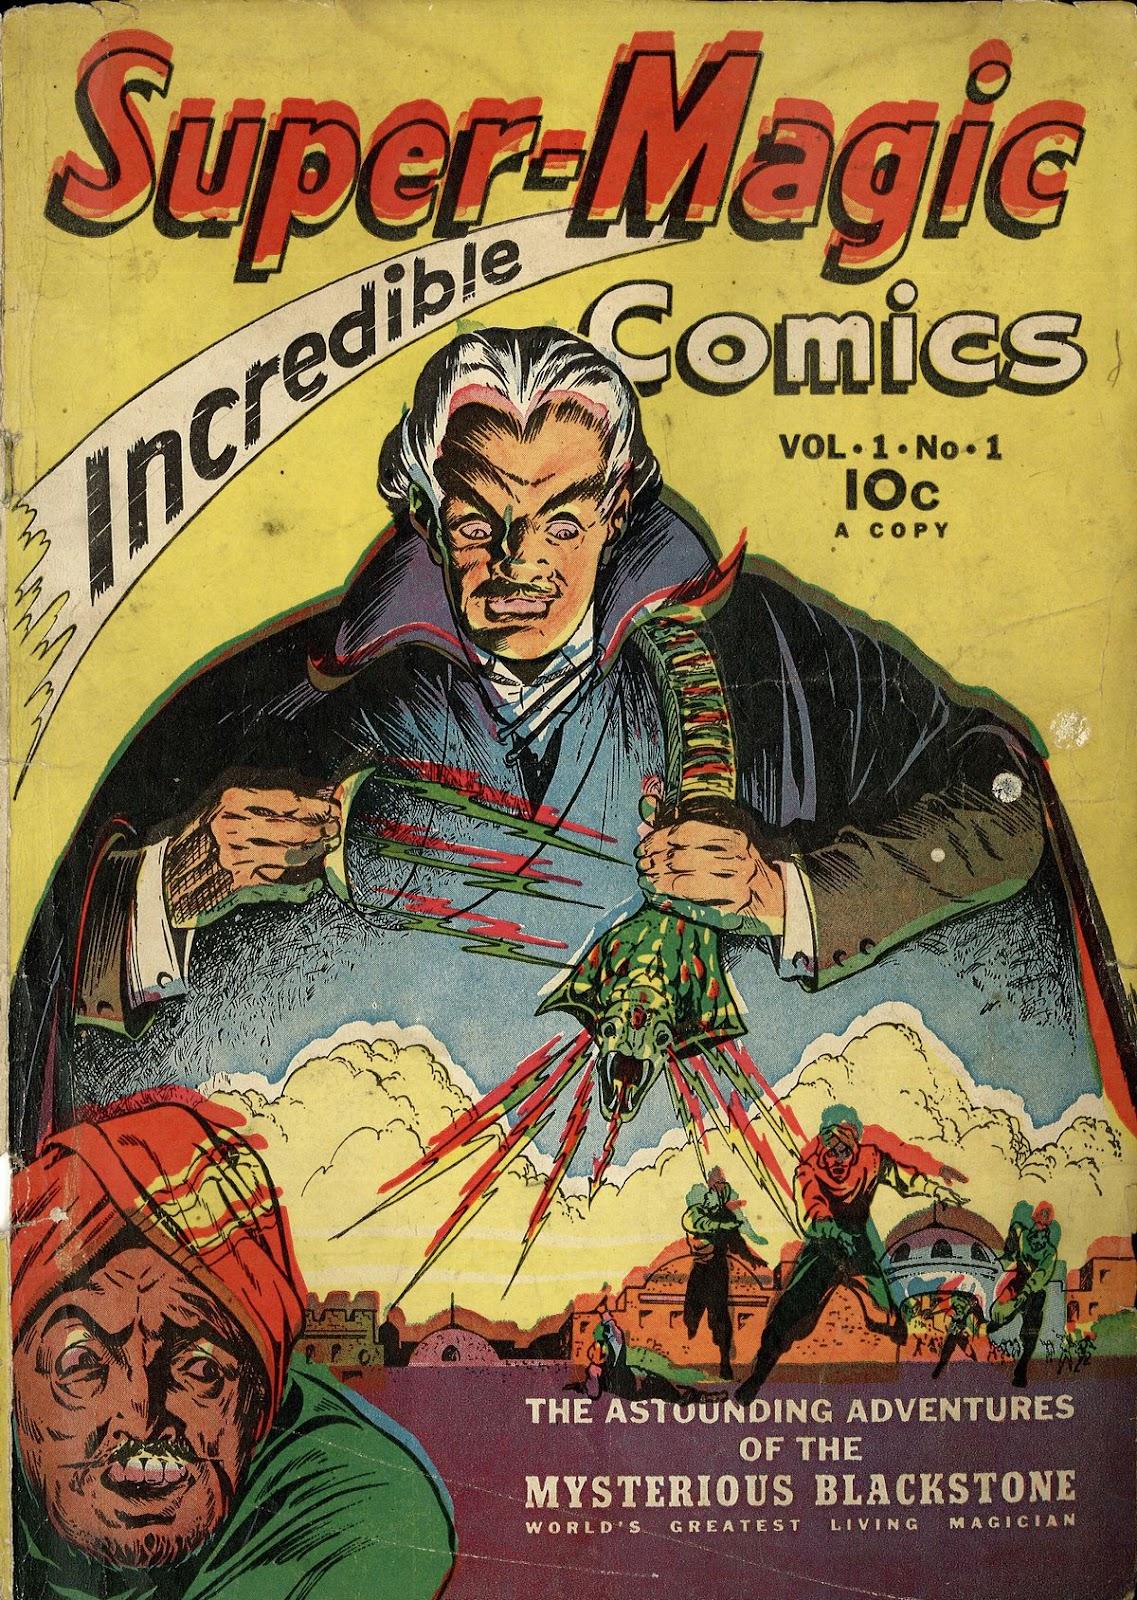 Read online Super-Magician Comics comic -  Issue #1 - 1